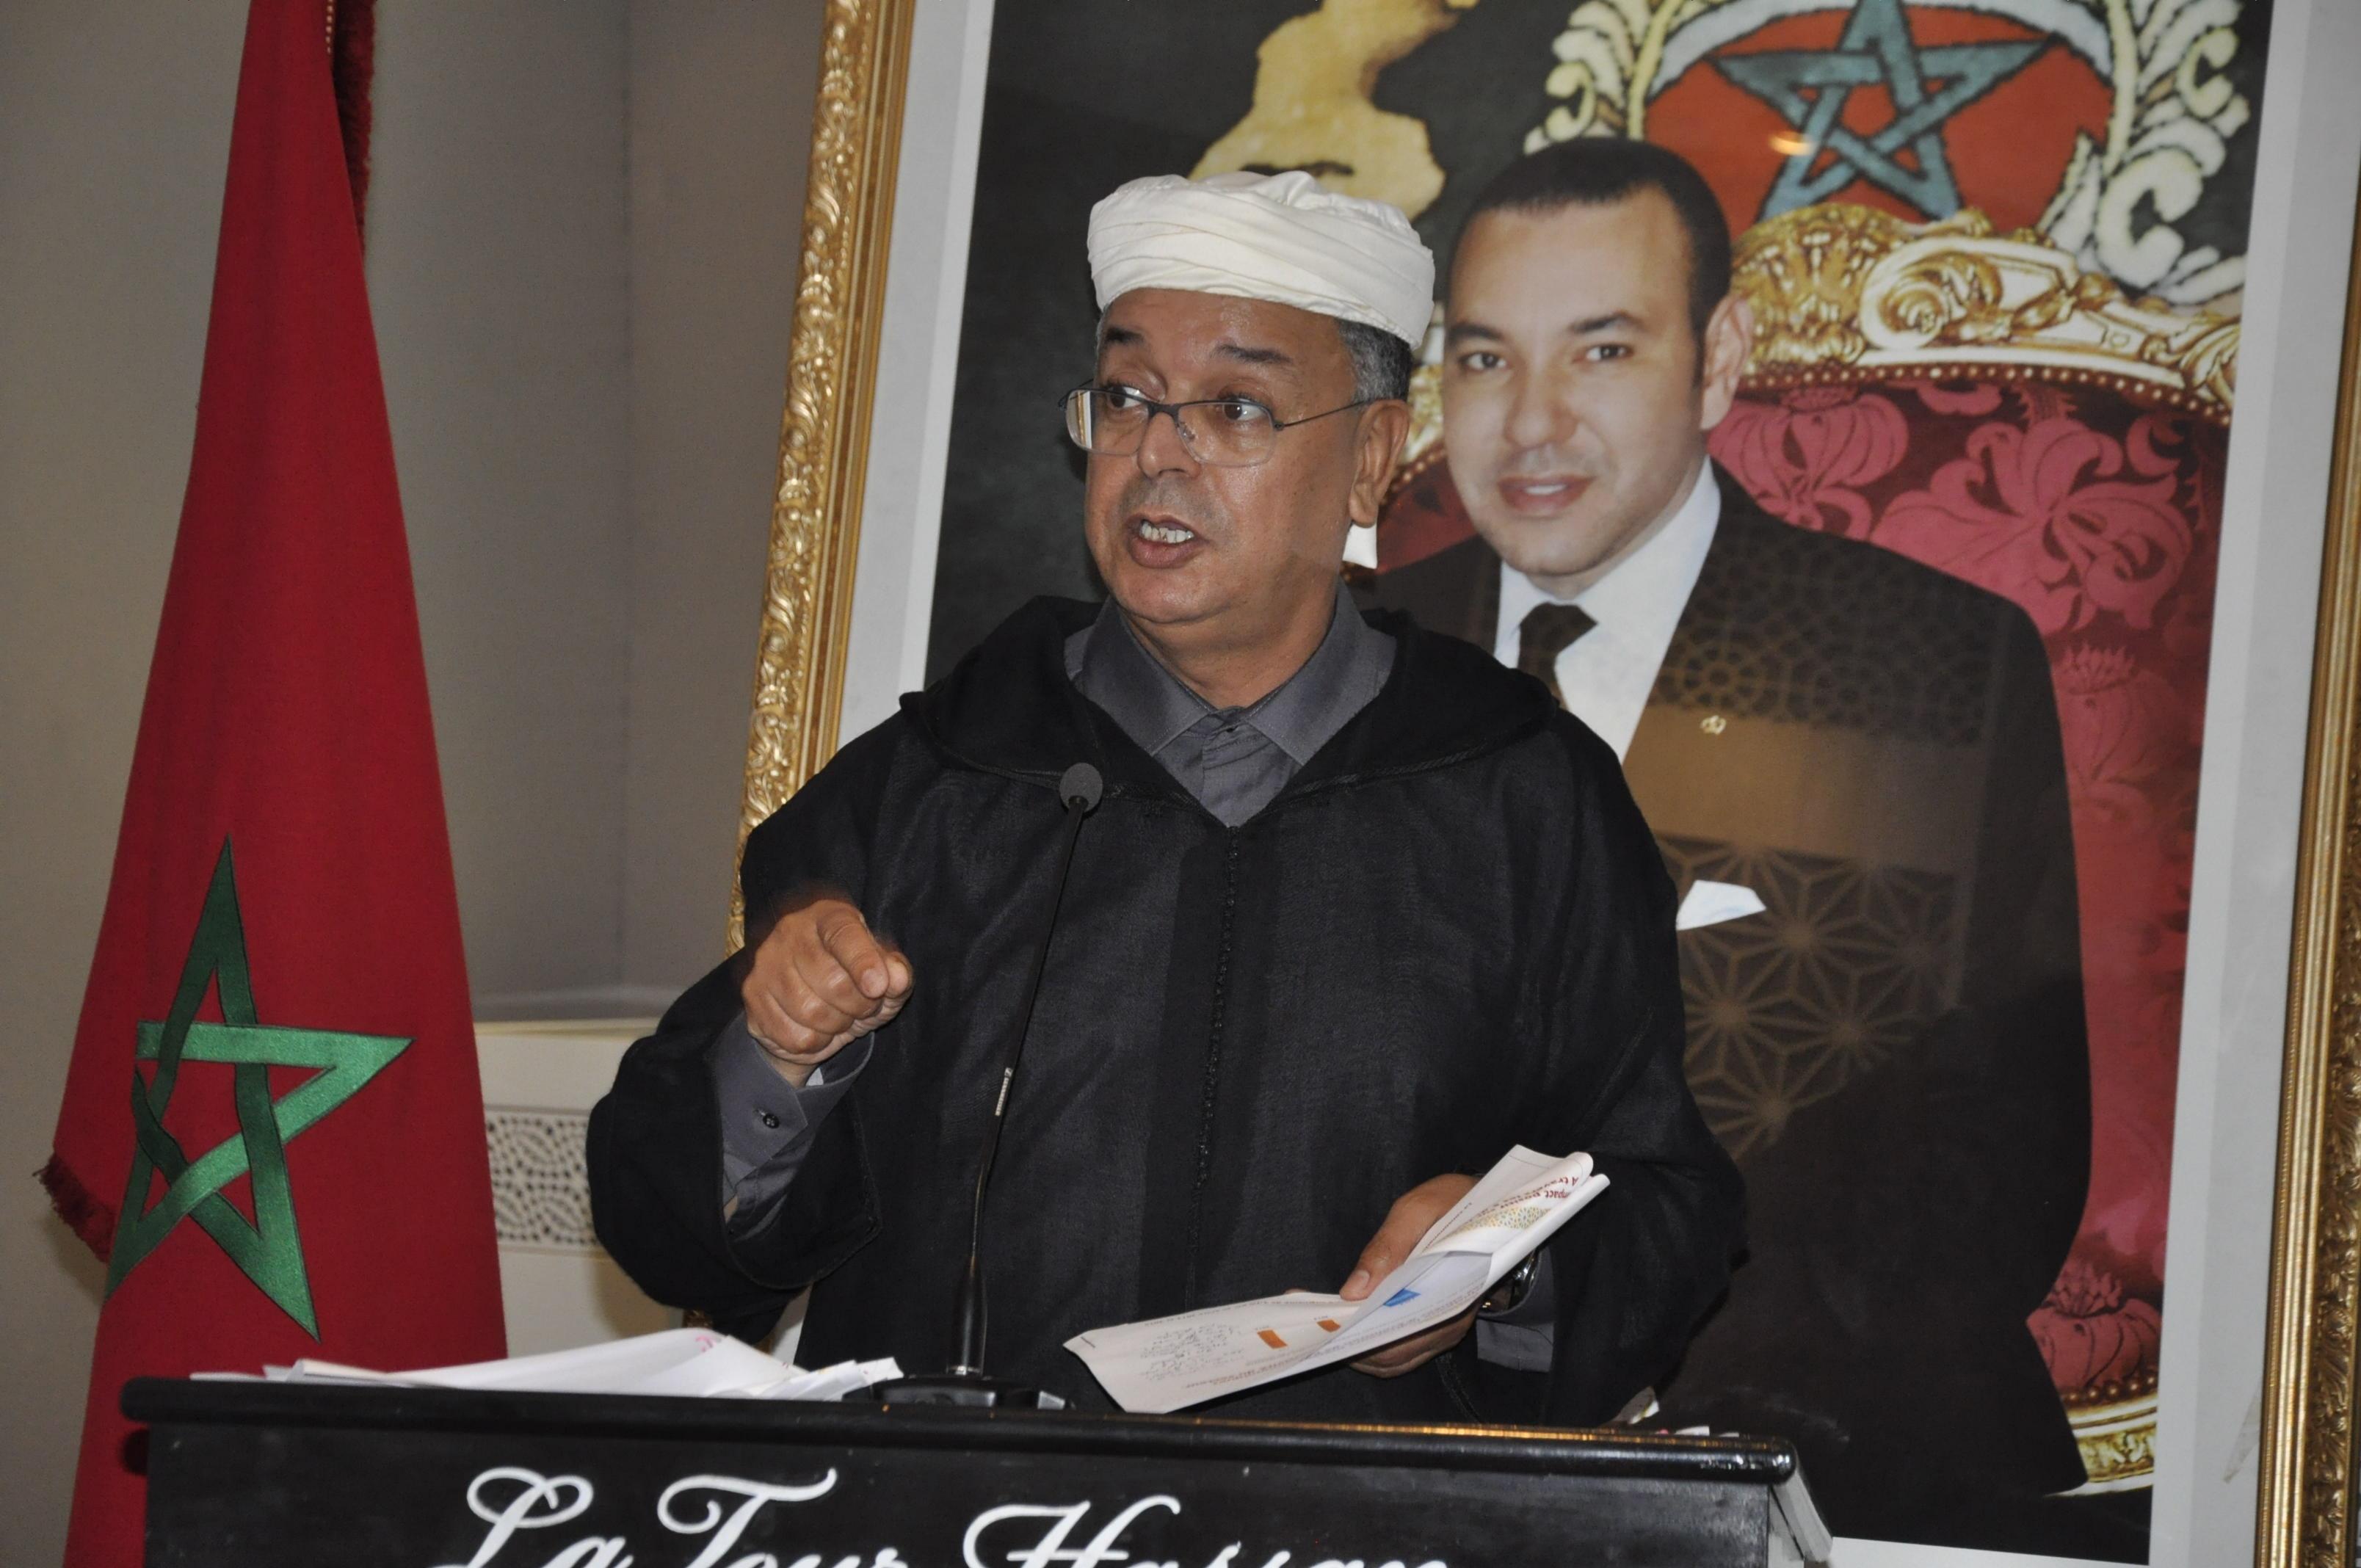 حداد يقدم حصيلة وزارة السياحة بحضور وزراء وقيادات حزب الحركة الشعبية